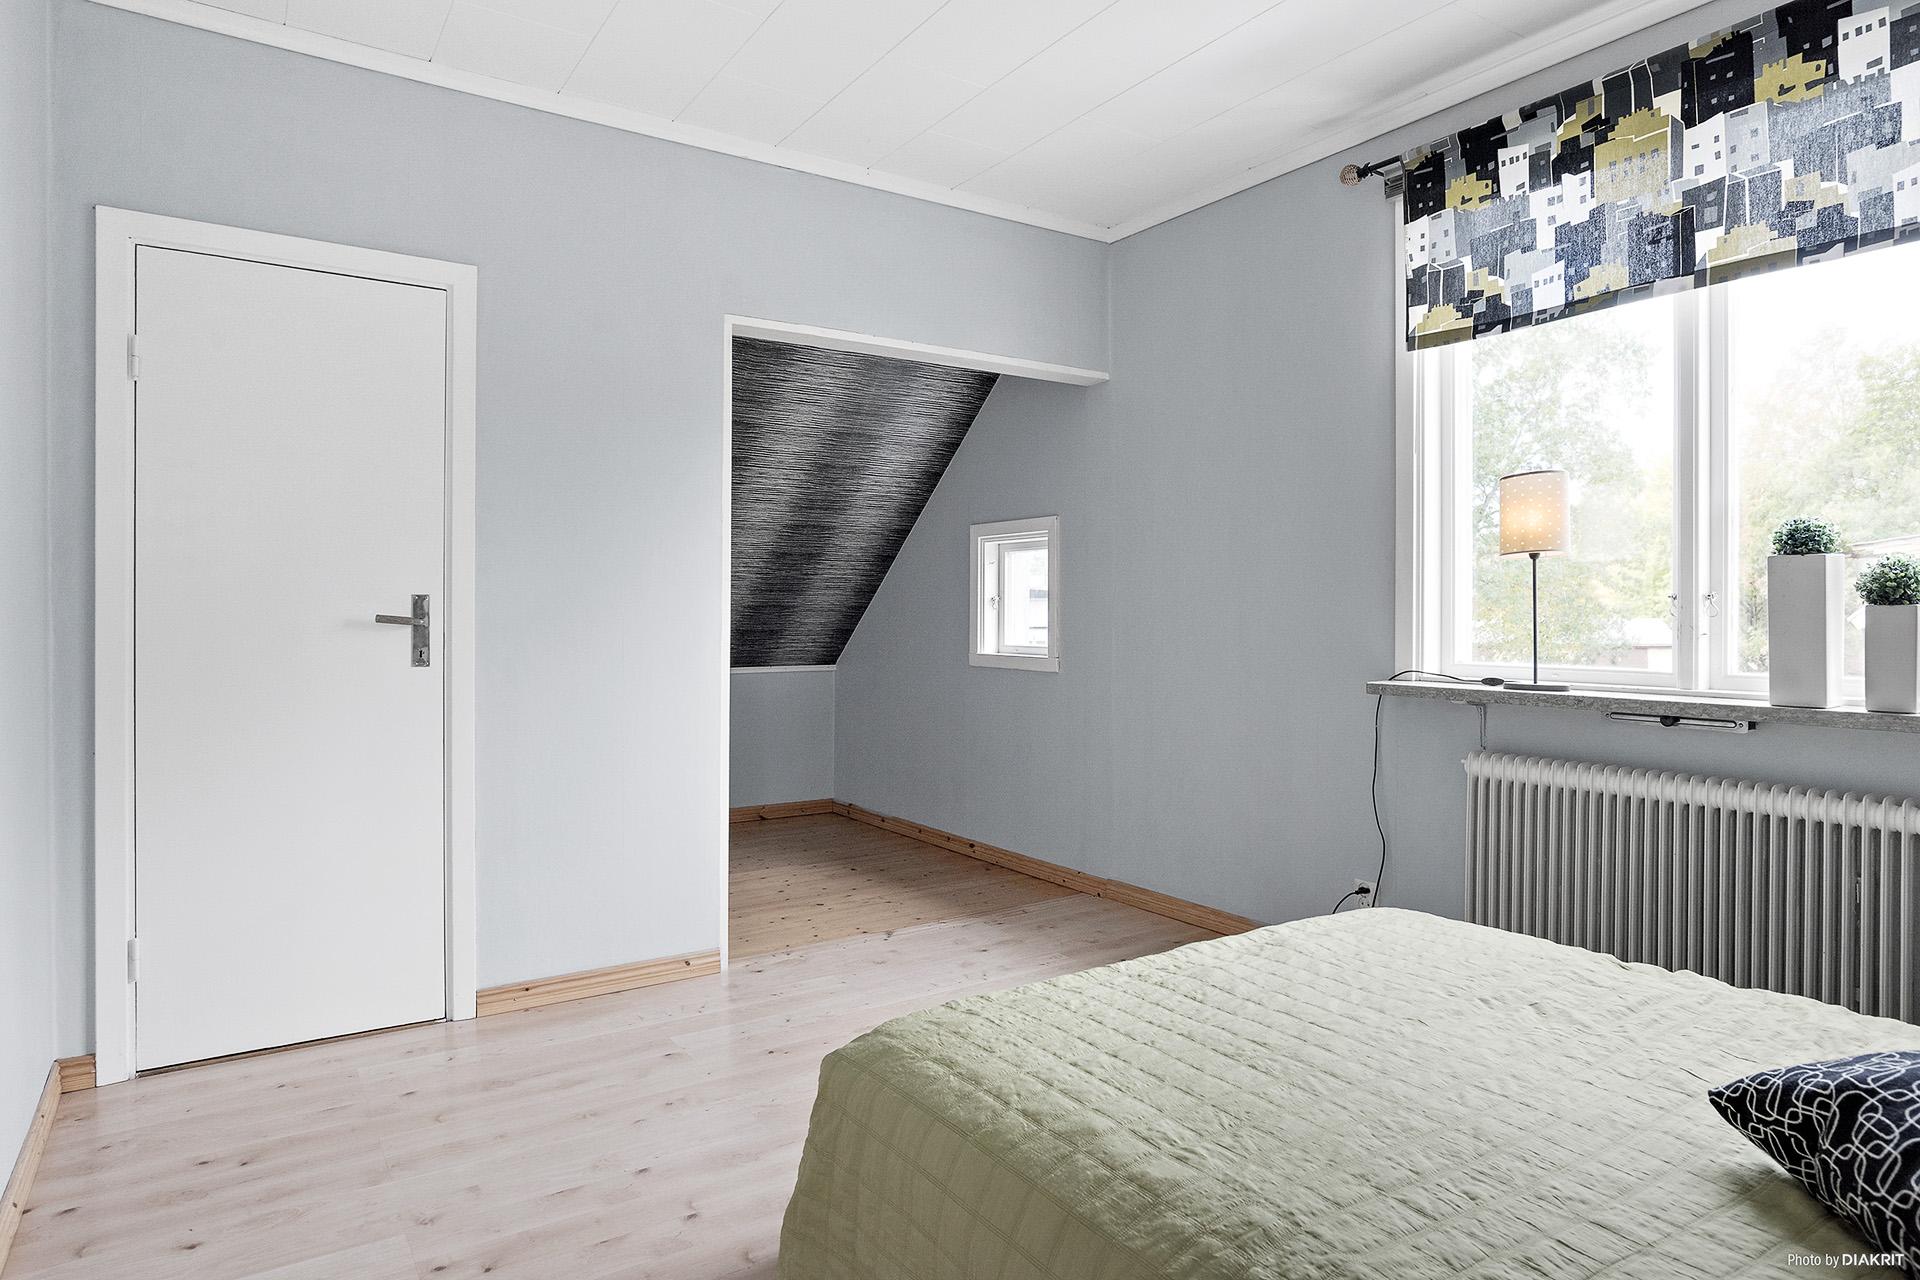 Sovrum på övre plan med sovalkov och tillhörande garderob